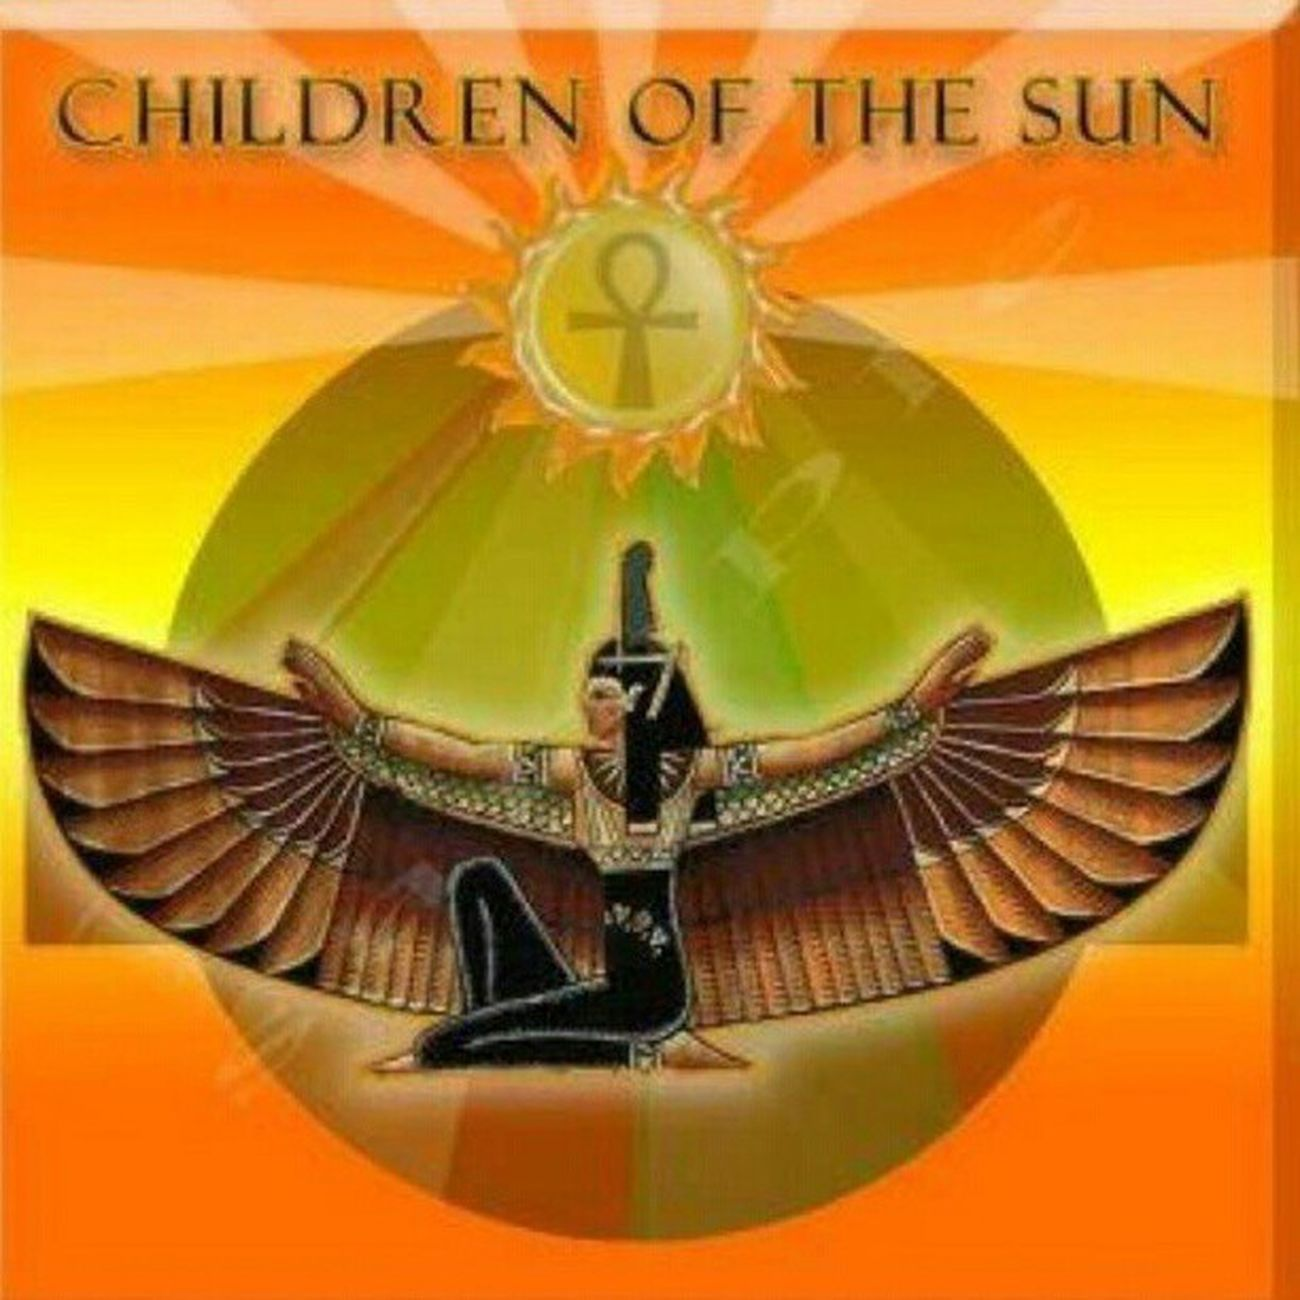 Childrenofthesun Egypt Egyptian Ankh melanated